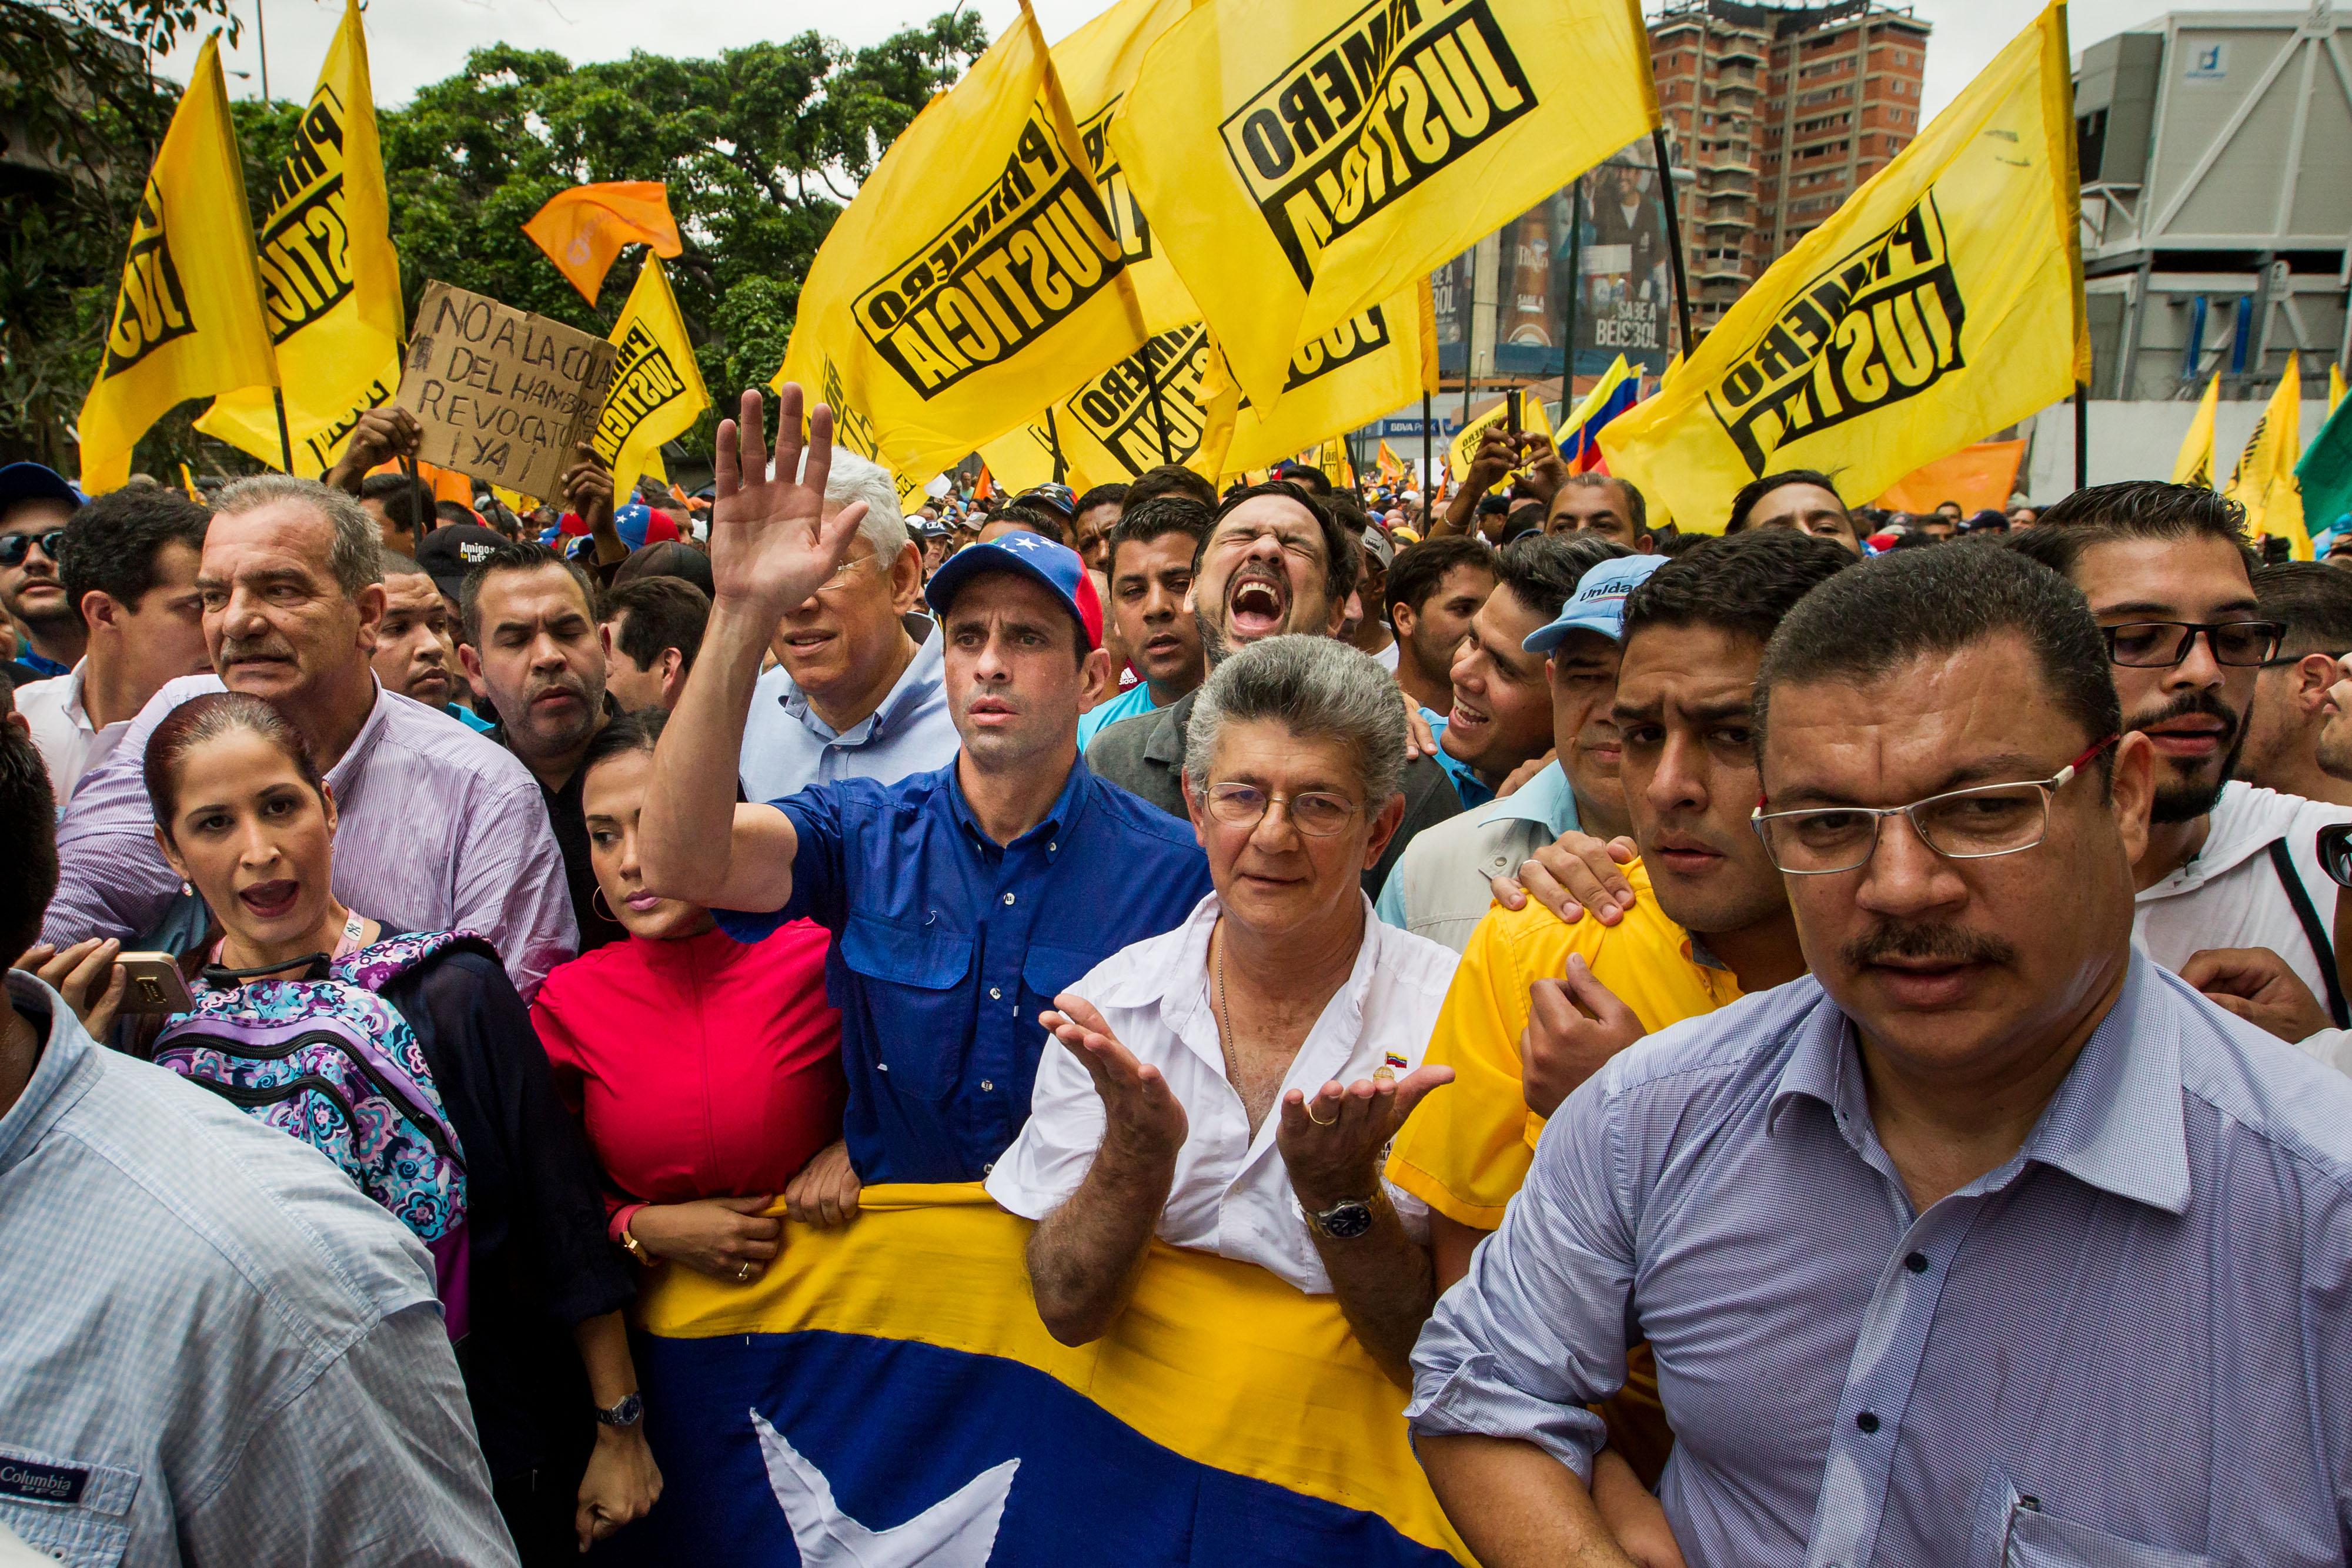 CAR05. CARACAS (VENEZUELA), 11/05/2016.- El líder opositor Henrique Capriles (c-i) y el presidente de la Asamblea Nacional de Venezuela, Henry Ramos Allup (c-d), participan en una manifestación hoy, miércoles 11 de mayo de 2016, en Caracas (Venezuela). La policía militarizada de Venezuela y la estatal Policía Nacional Bolivariana (PNB) impidieron el paso de la marcha a la que convocó hoy la oposición del país hasta la sede del Poder Electoral para pedir celeridad en la activación de un referendo para revocar al presidente, Nicolás Maduro. EFE/Miguel Gutiérrez